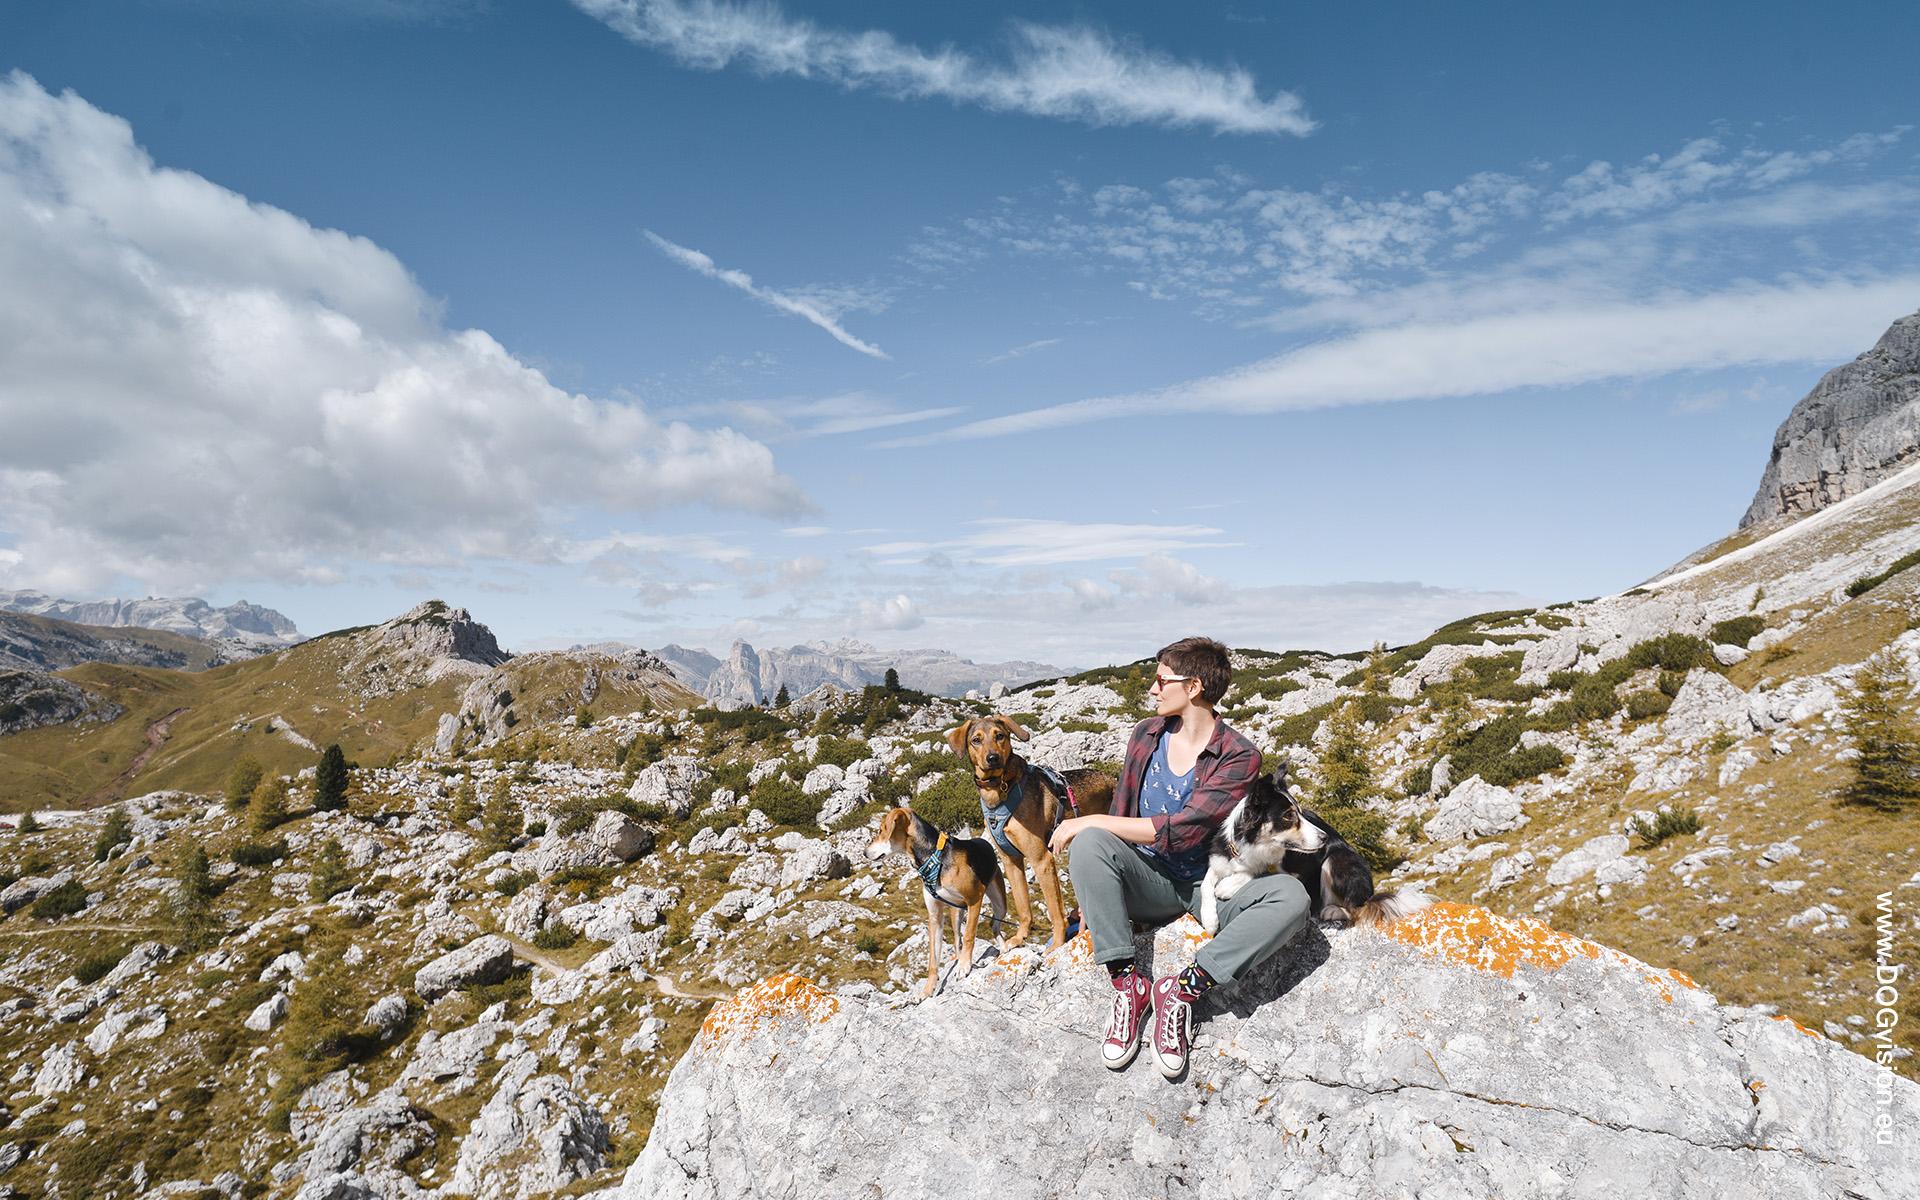 hondenfotograaf op reis in Europa, reizen met honden, commerciele hondenfotografie, www.DOGvision.be